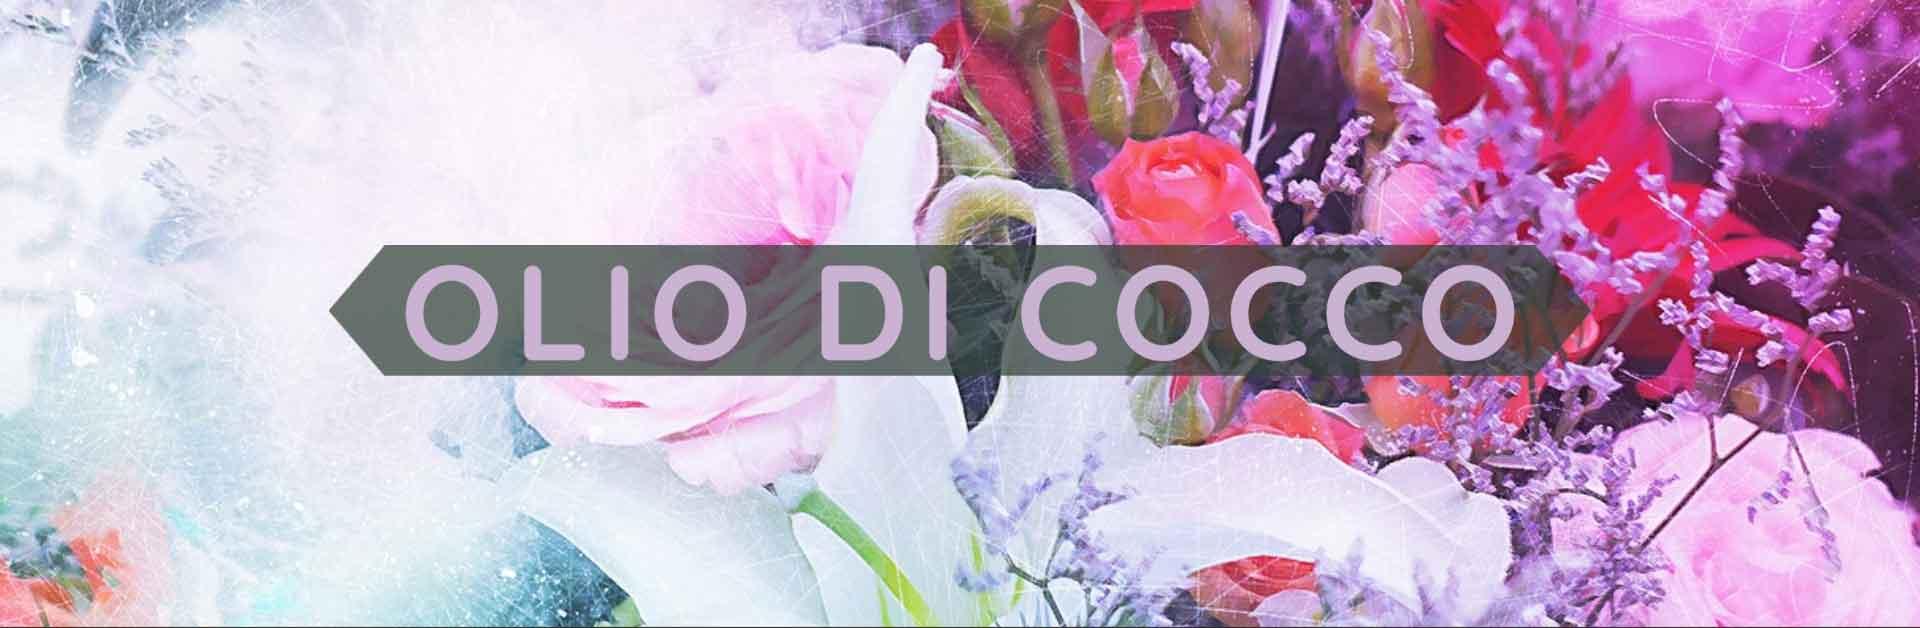 Copertina olio di cocco